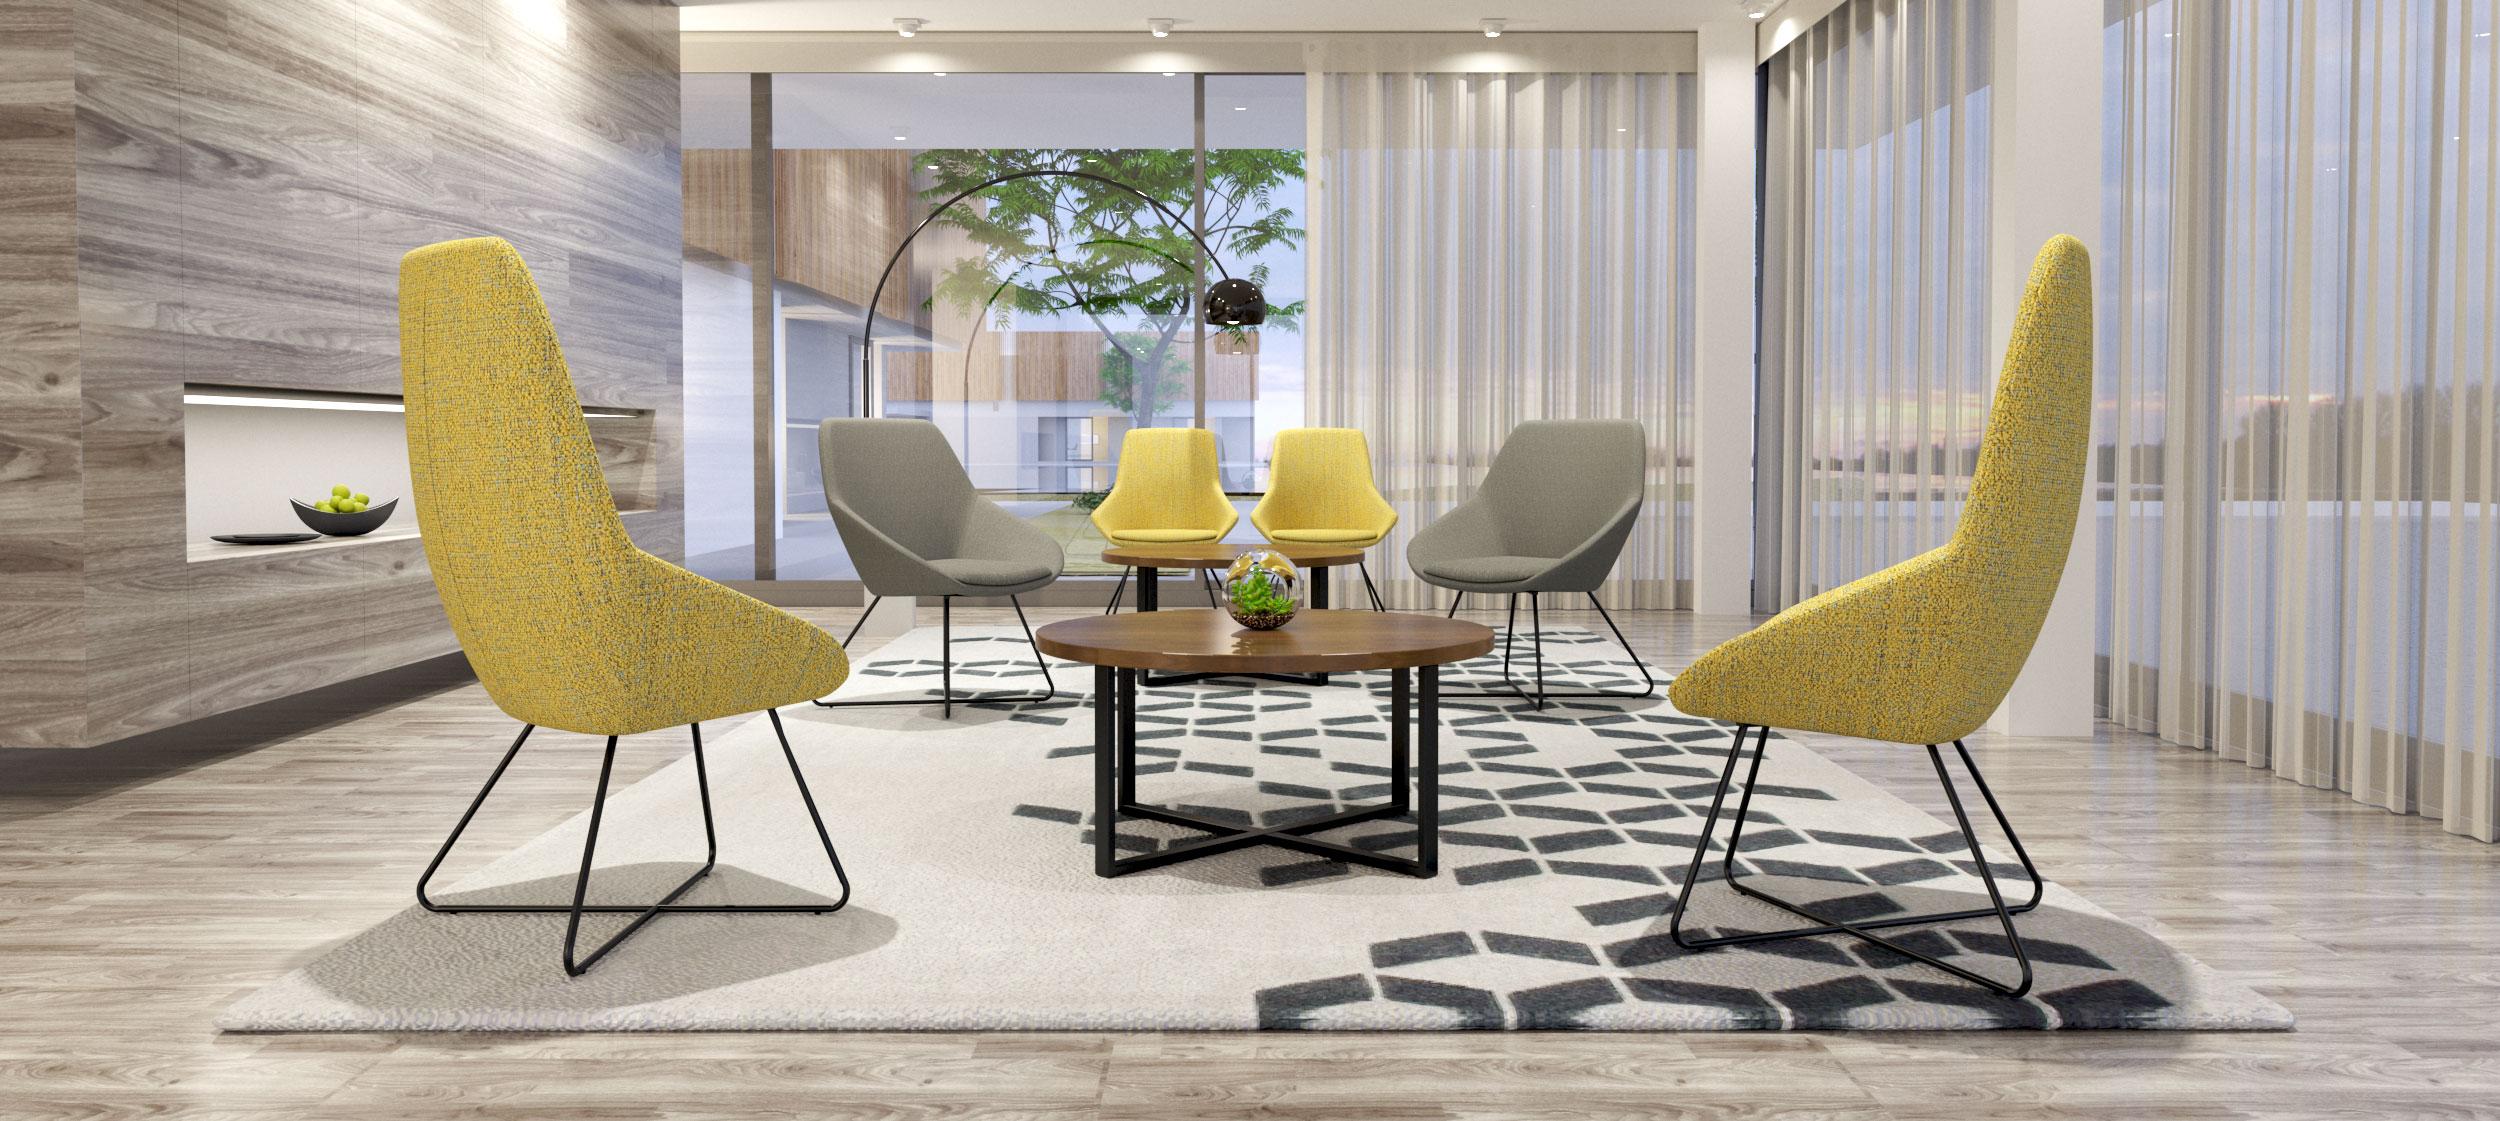 Carlton lounge childrens furniture